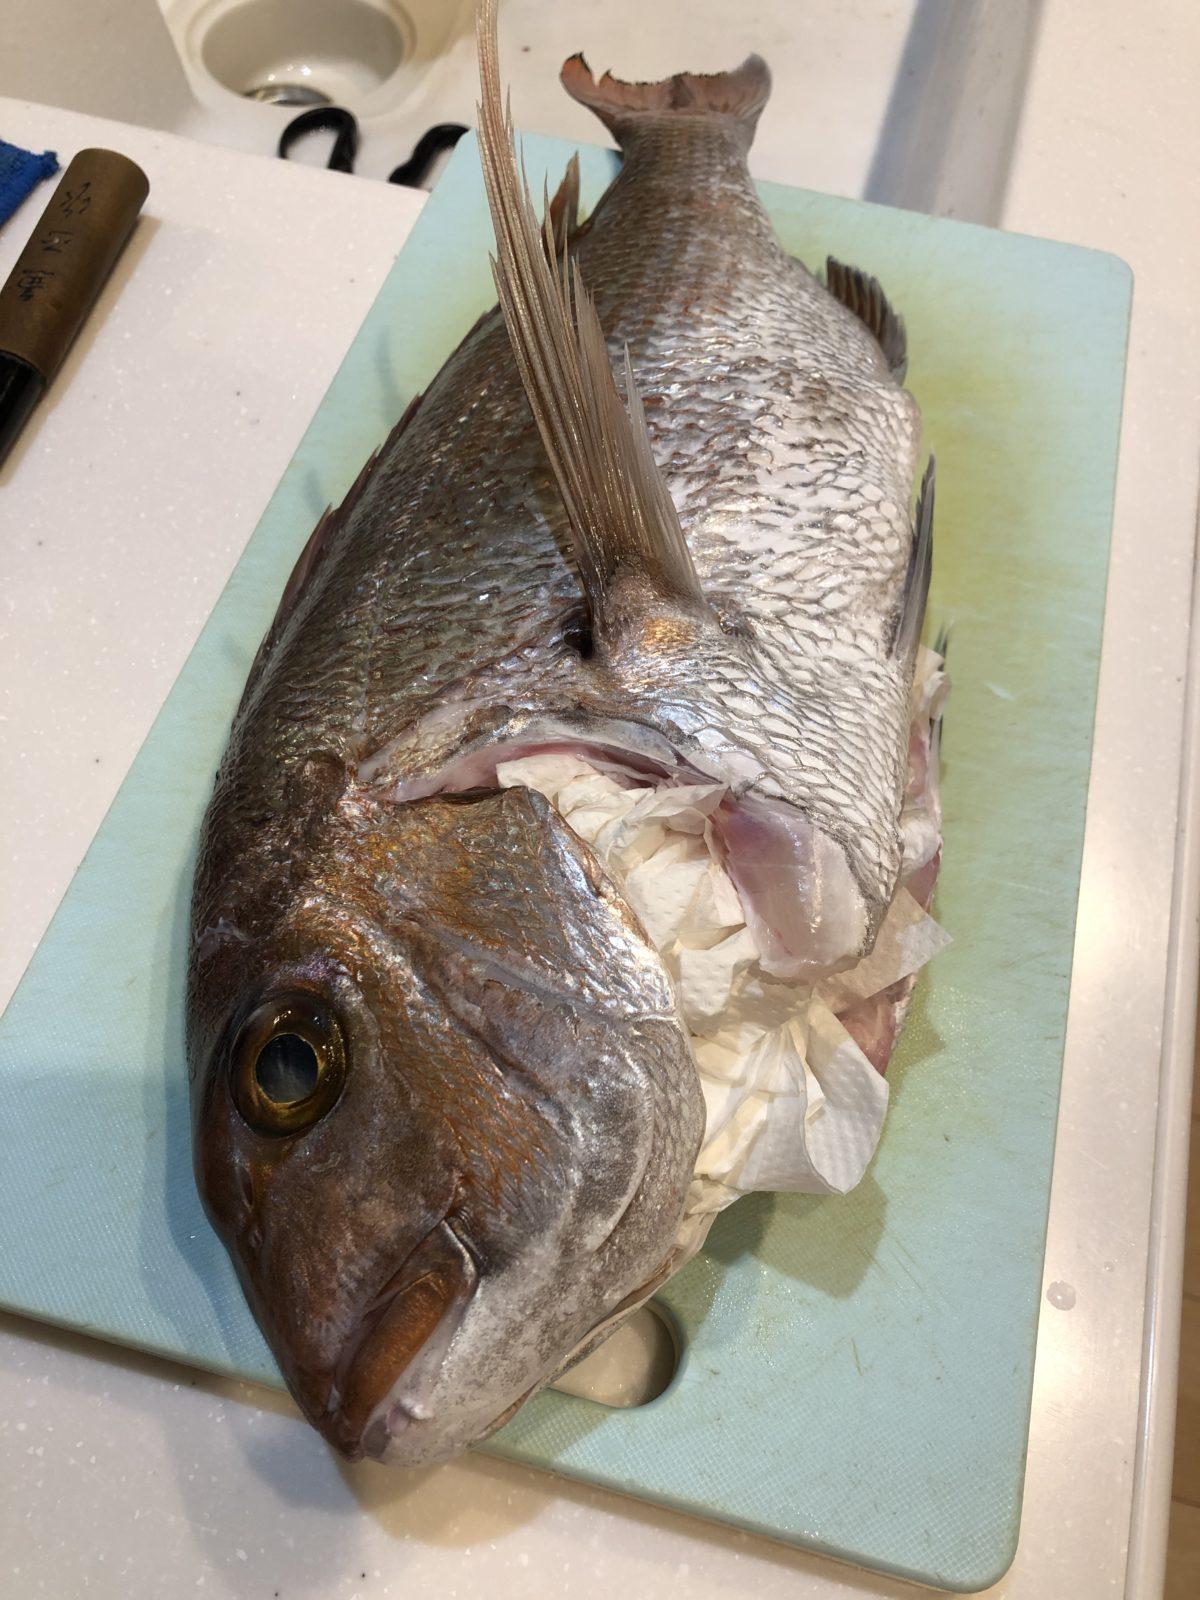 【ガチで】真鯛を熟成させた結果【美味い】